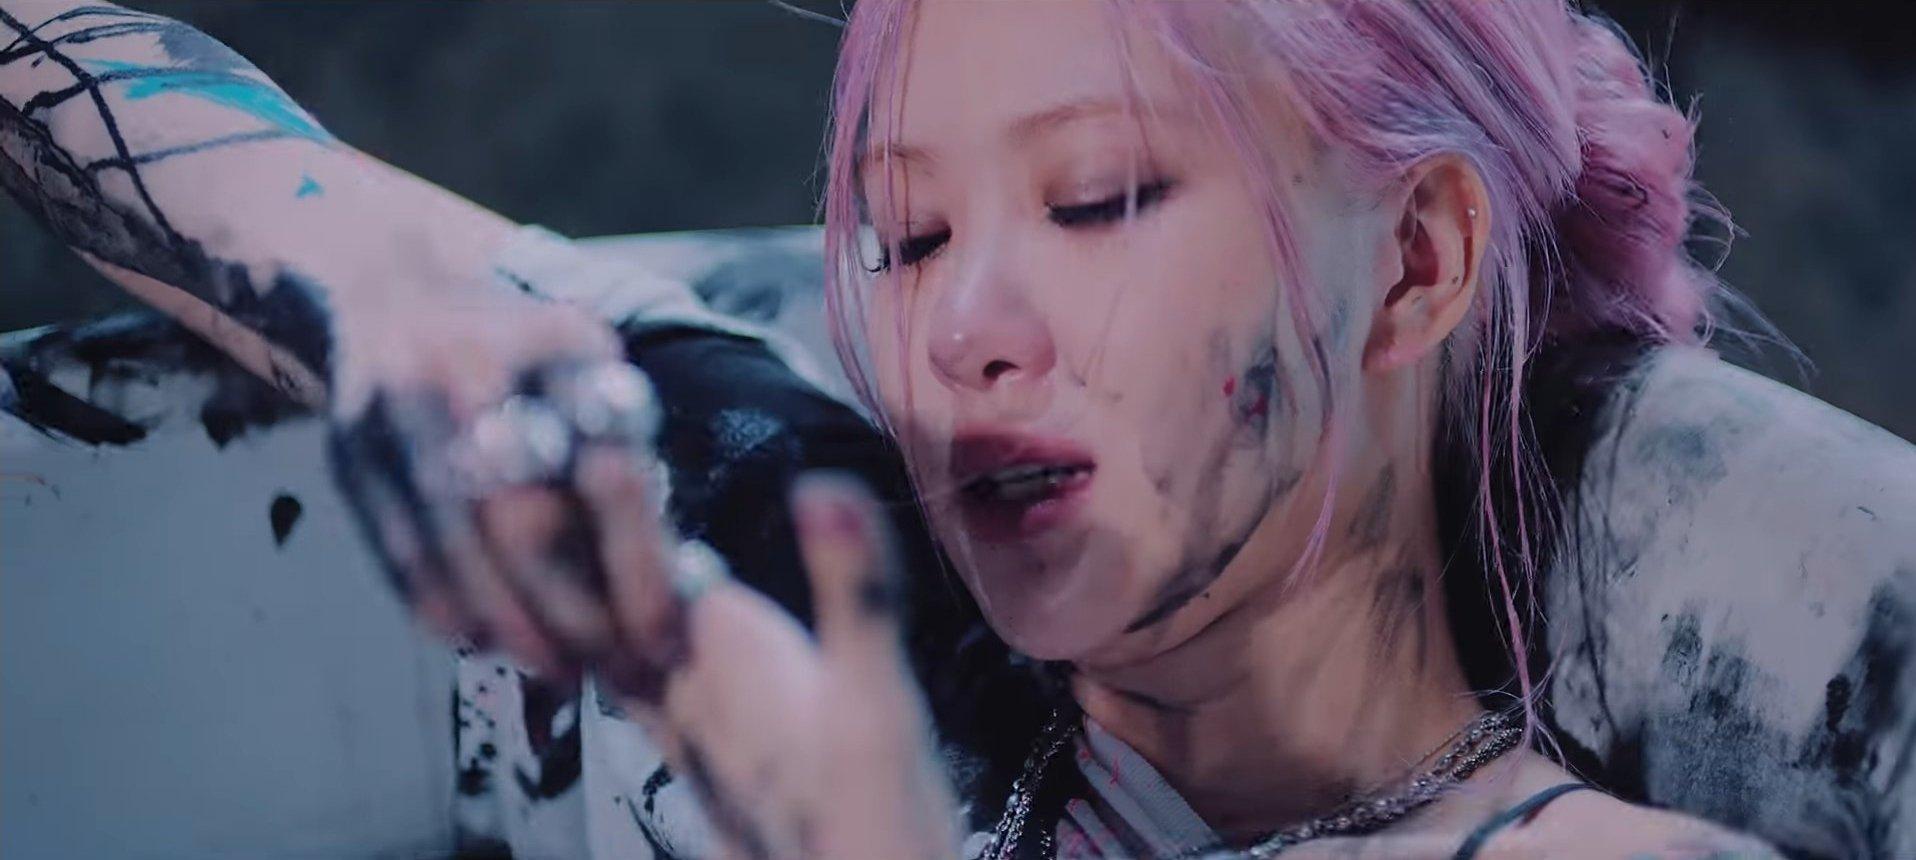 Rosé ngồi trong bồn tắm khóc nức nở trong MV Lovesick Girls.